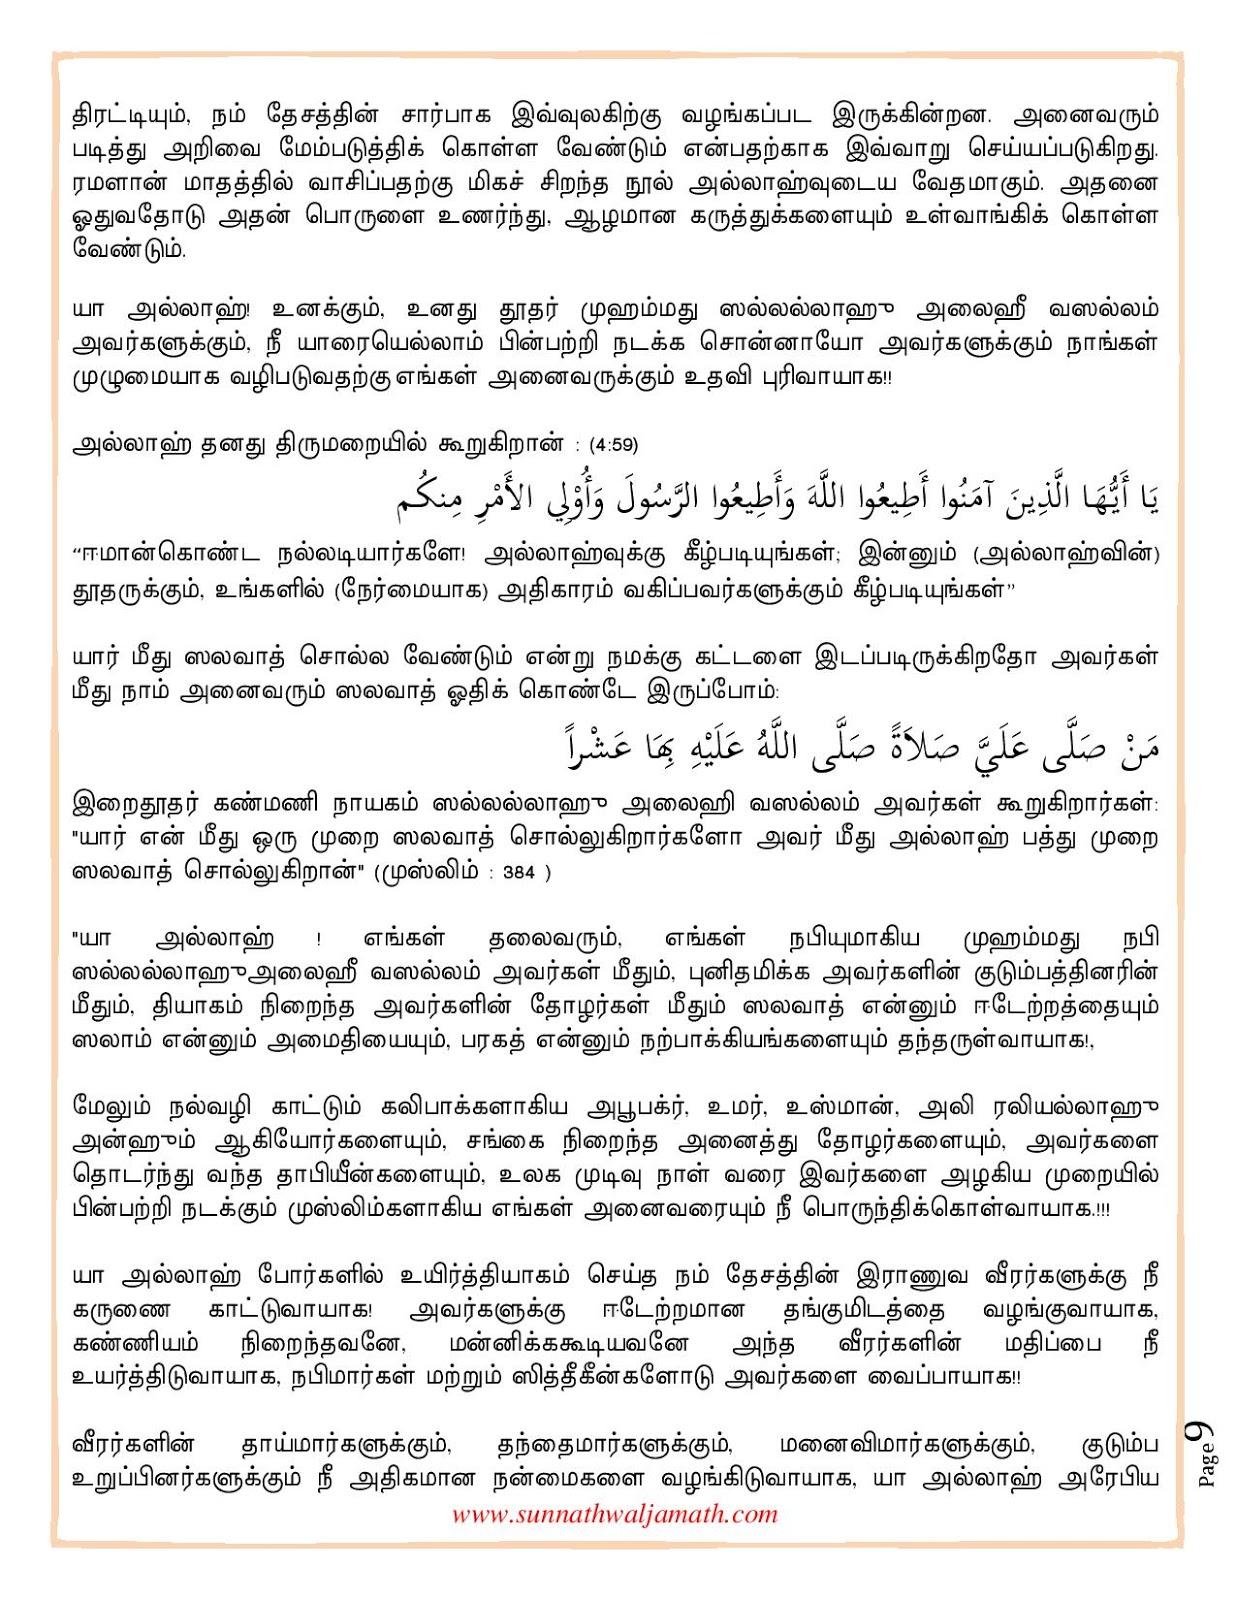 https://2.bp.blogspot.com/-z5UnUOKl0Gk/V1mq3YomzwI/AAAAAAAAHHk/9Vx4M7gFTw02jURFdo_KFeZjBeb3mv_GACLcB/s1600/Tamil%2B10th%2BJune-16-page-009.jpg